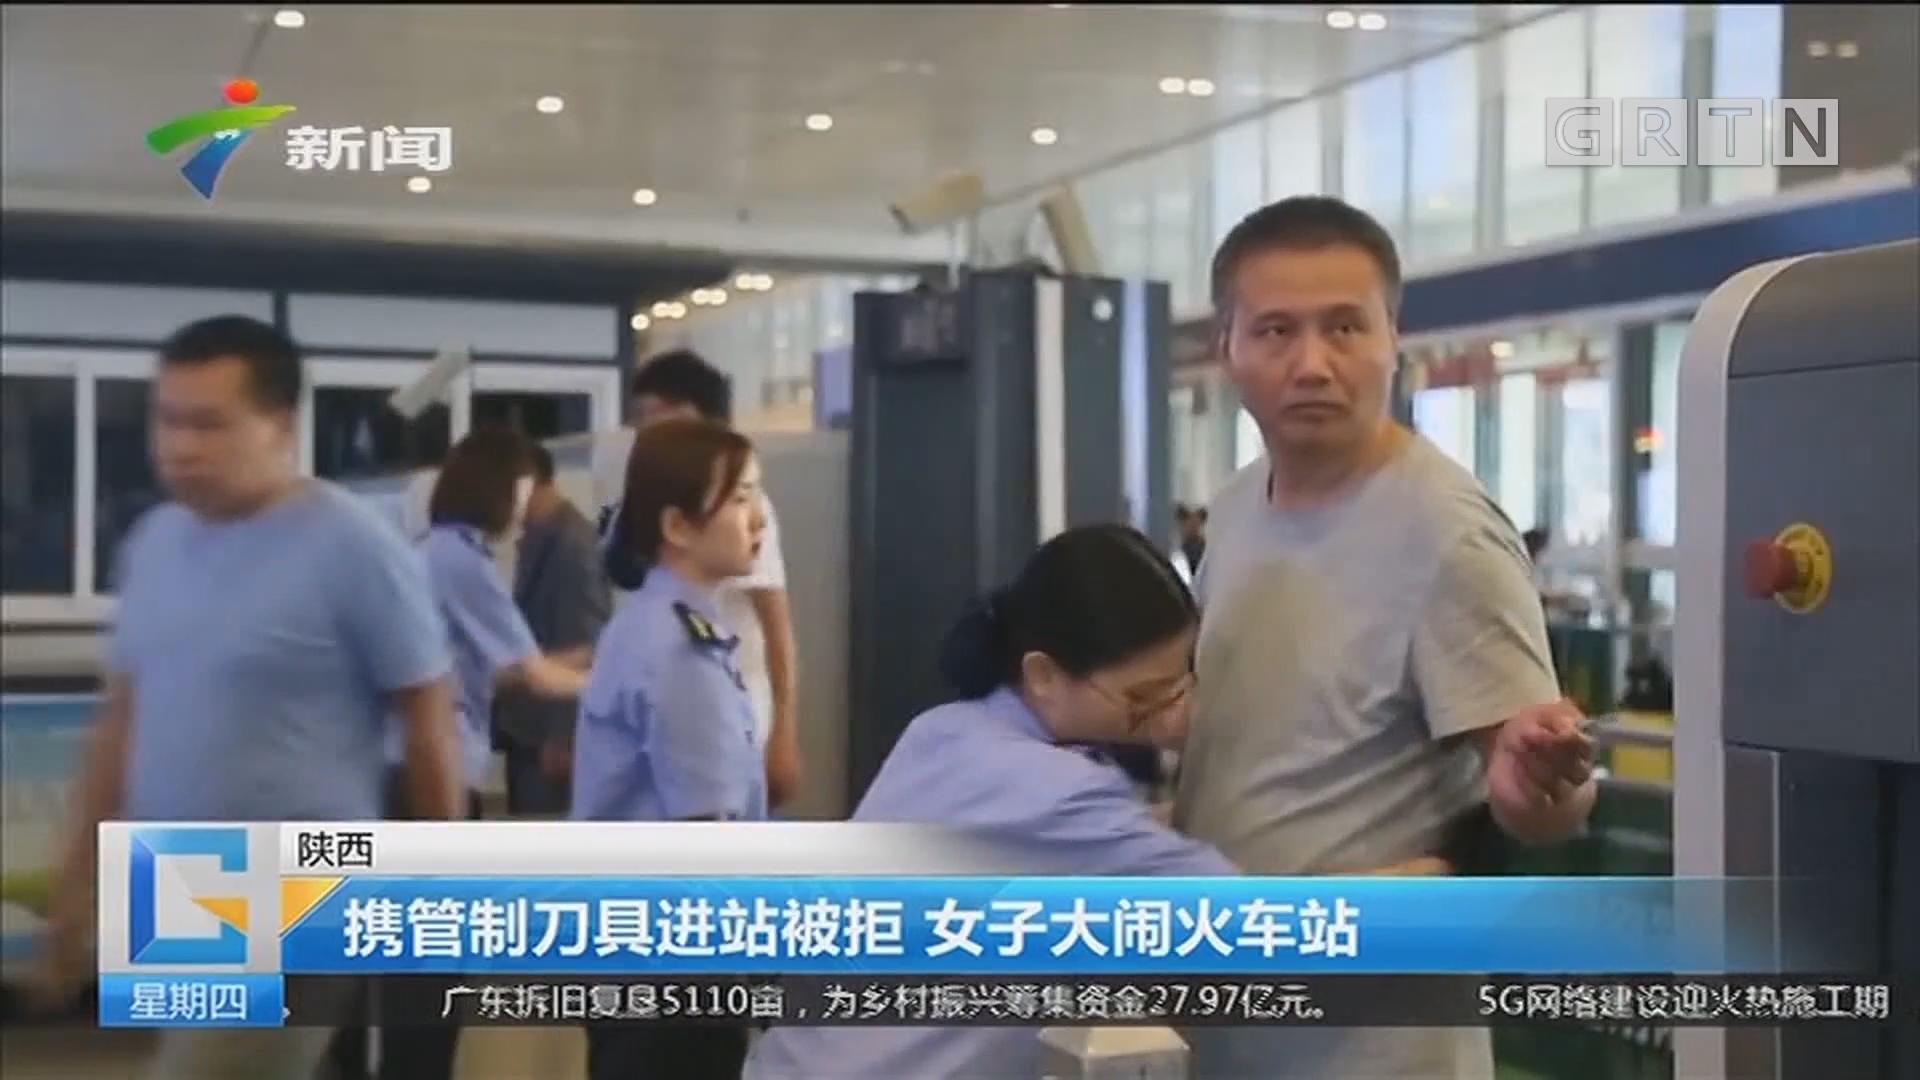 陕西:携管制刀具进站被拒 女子大闹火车站